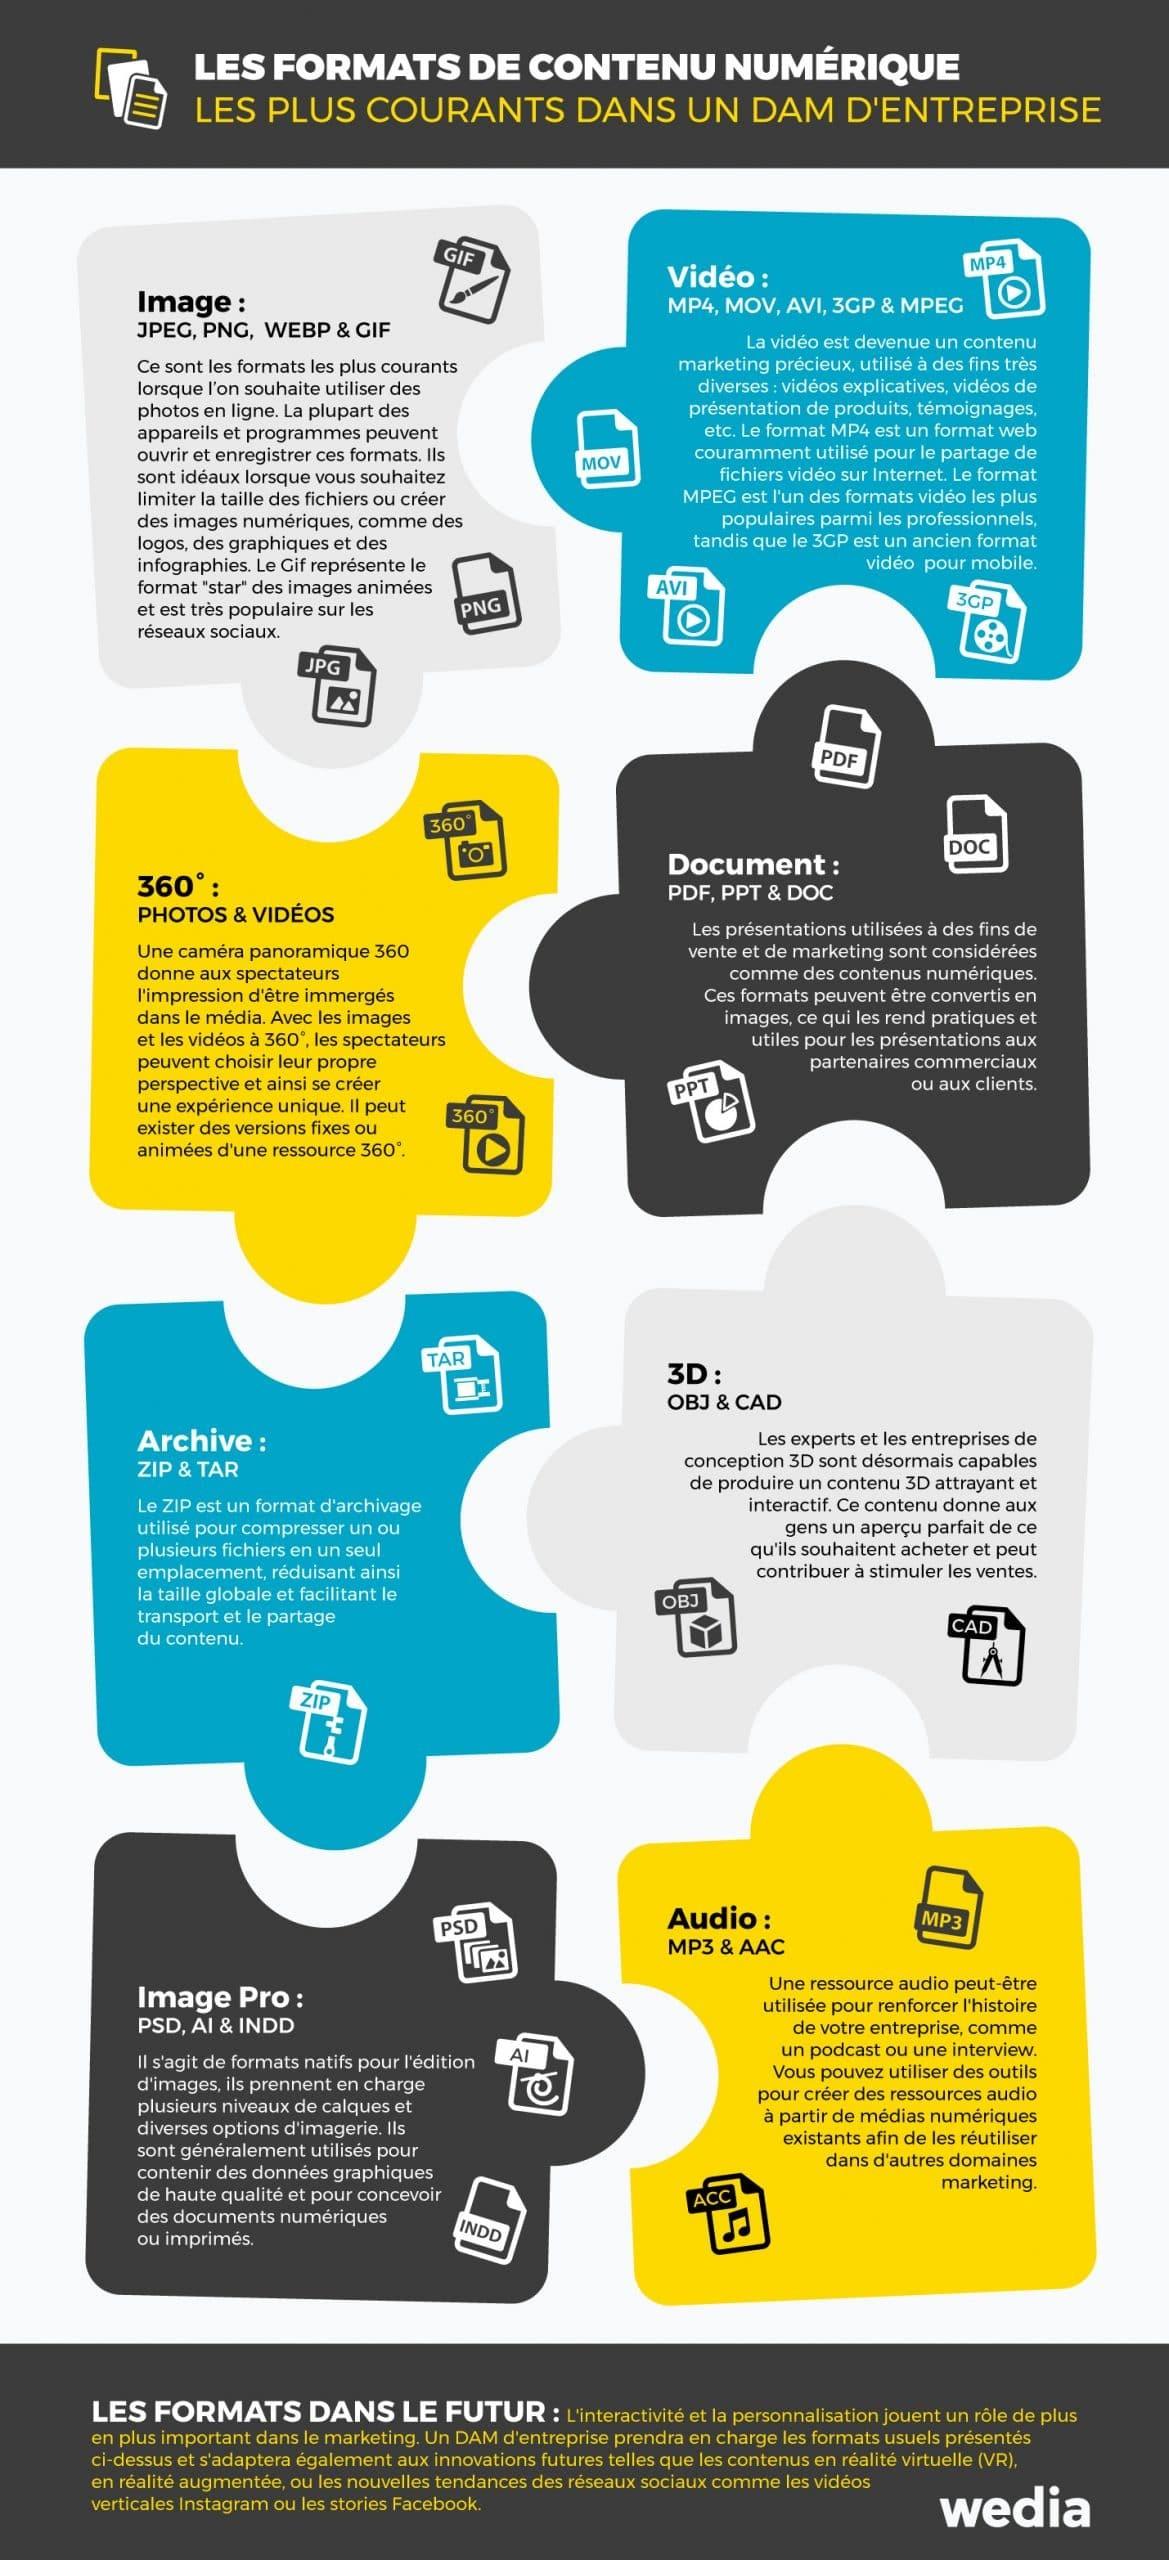 Infographie : Les formats de contenu numériques les plus courants dans un DAM d'entreprise